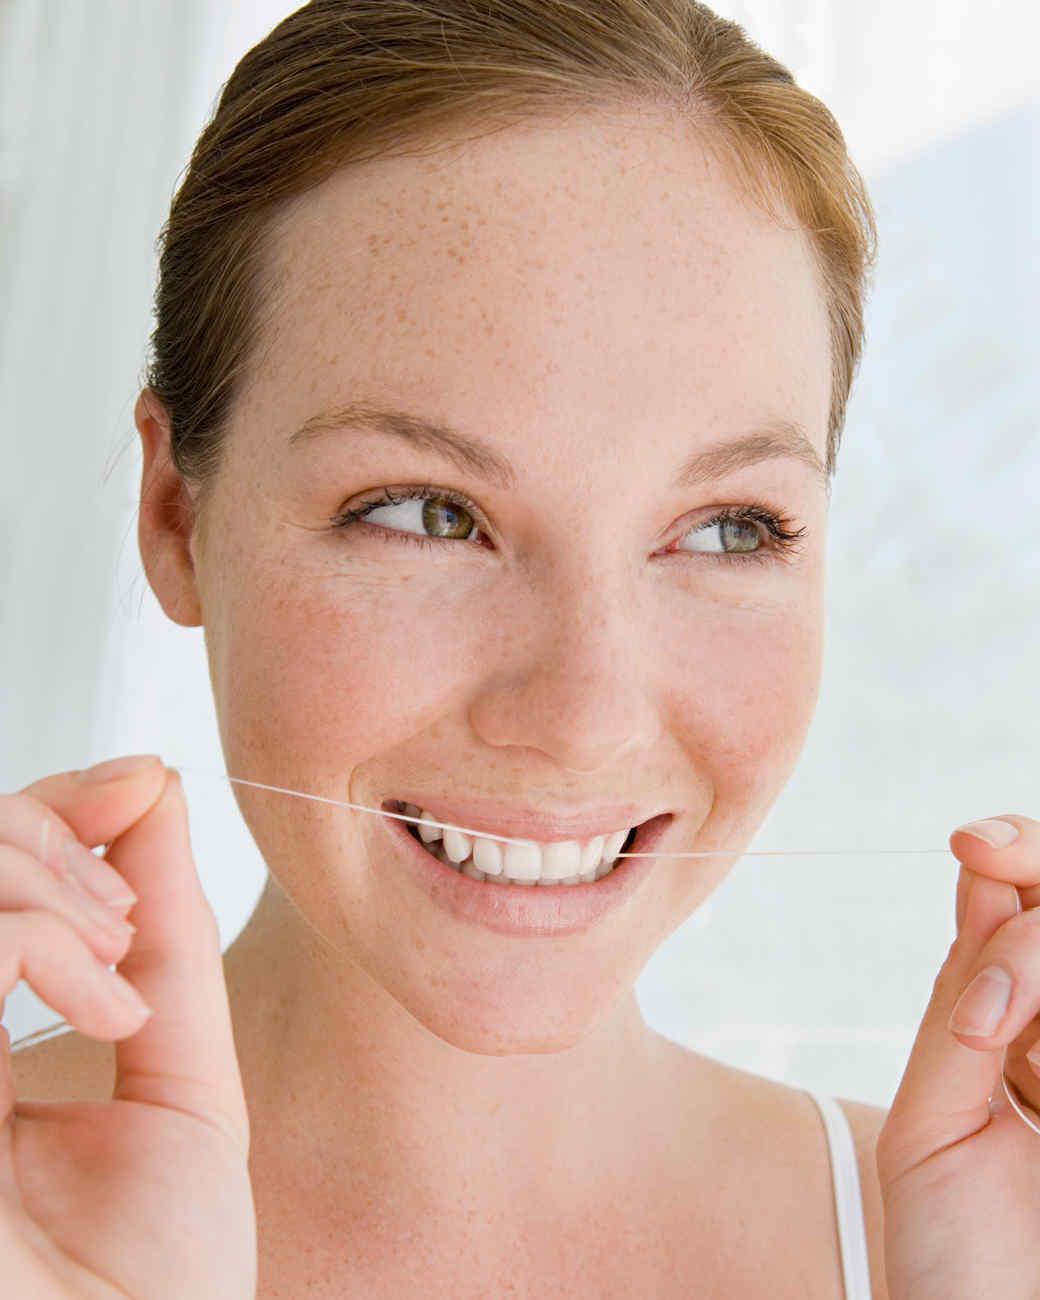 bc-smile-teeth-5-getty-75940970.jpg